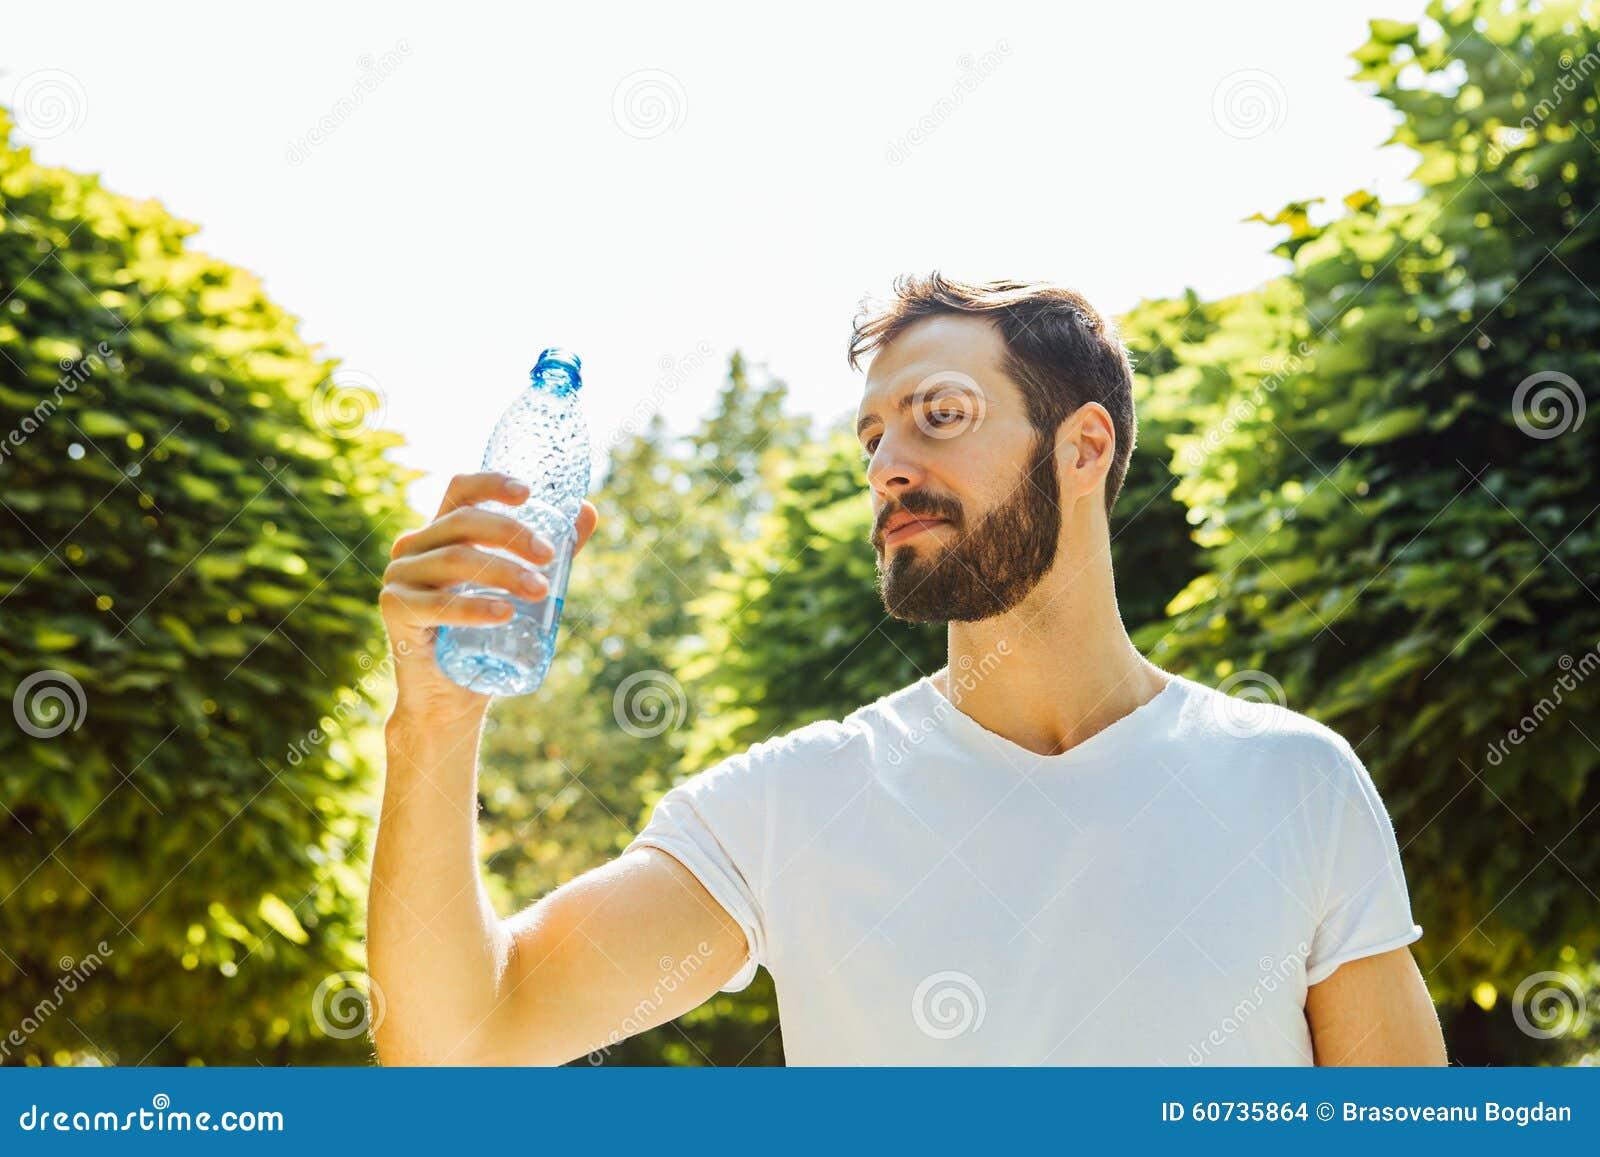 Vuxet mandricksvatten från en flaska utanför